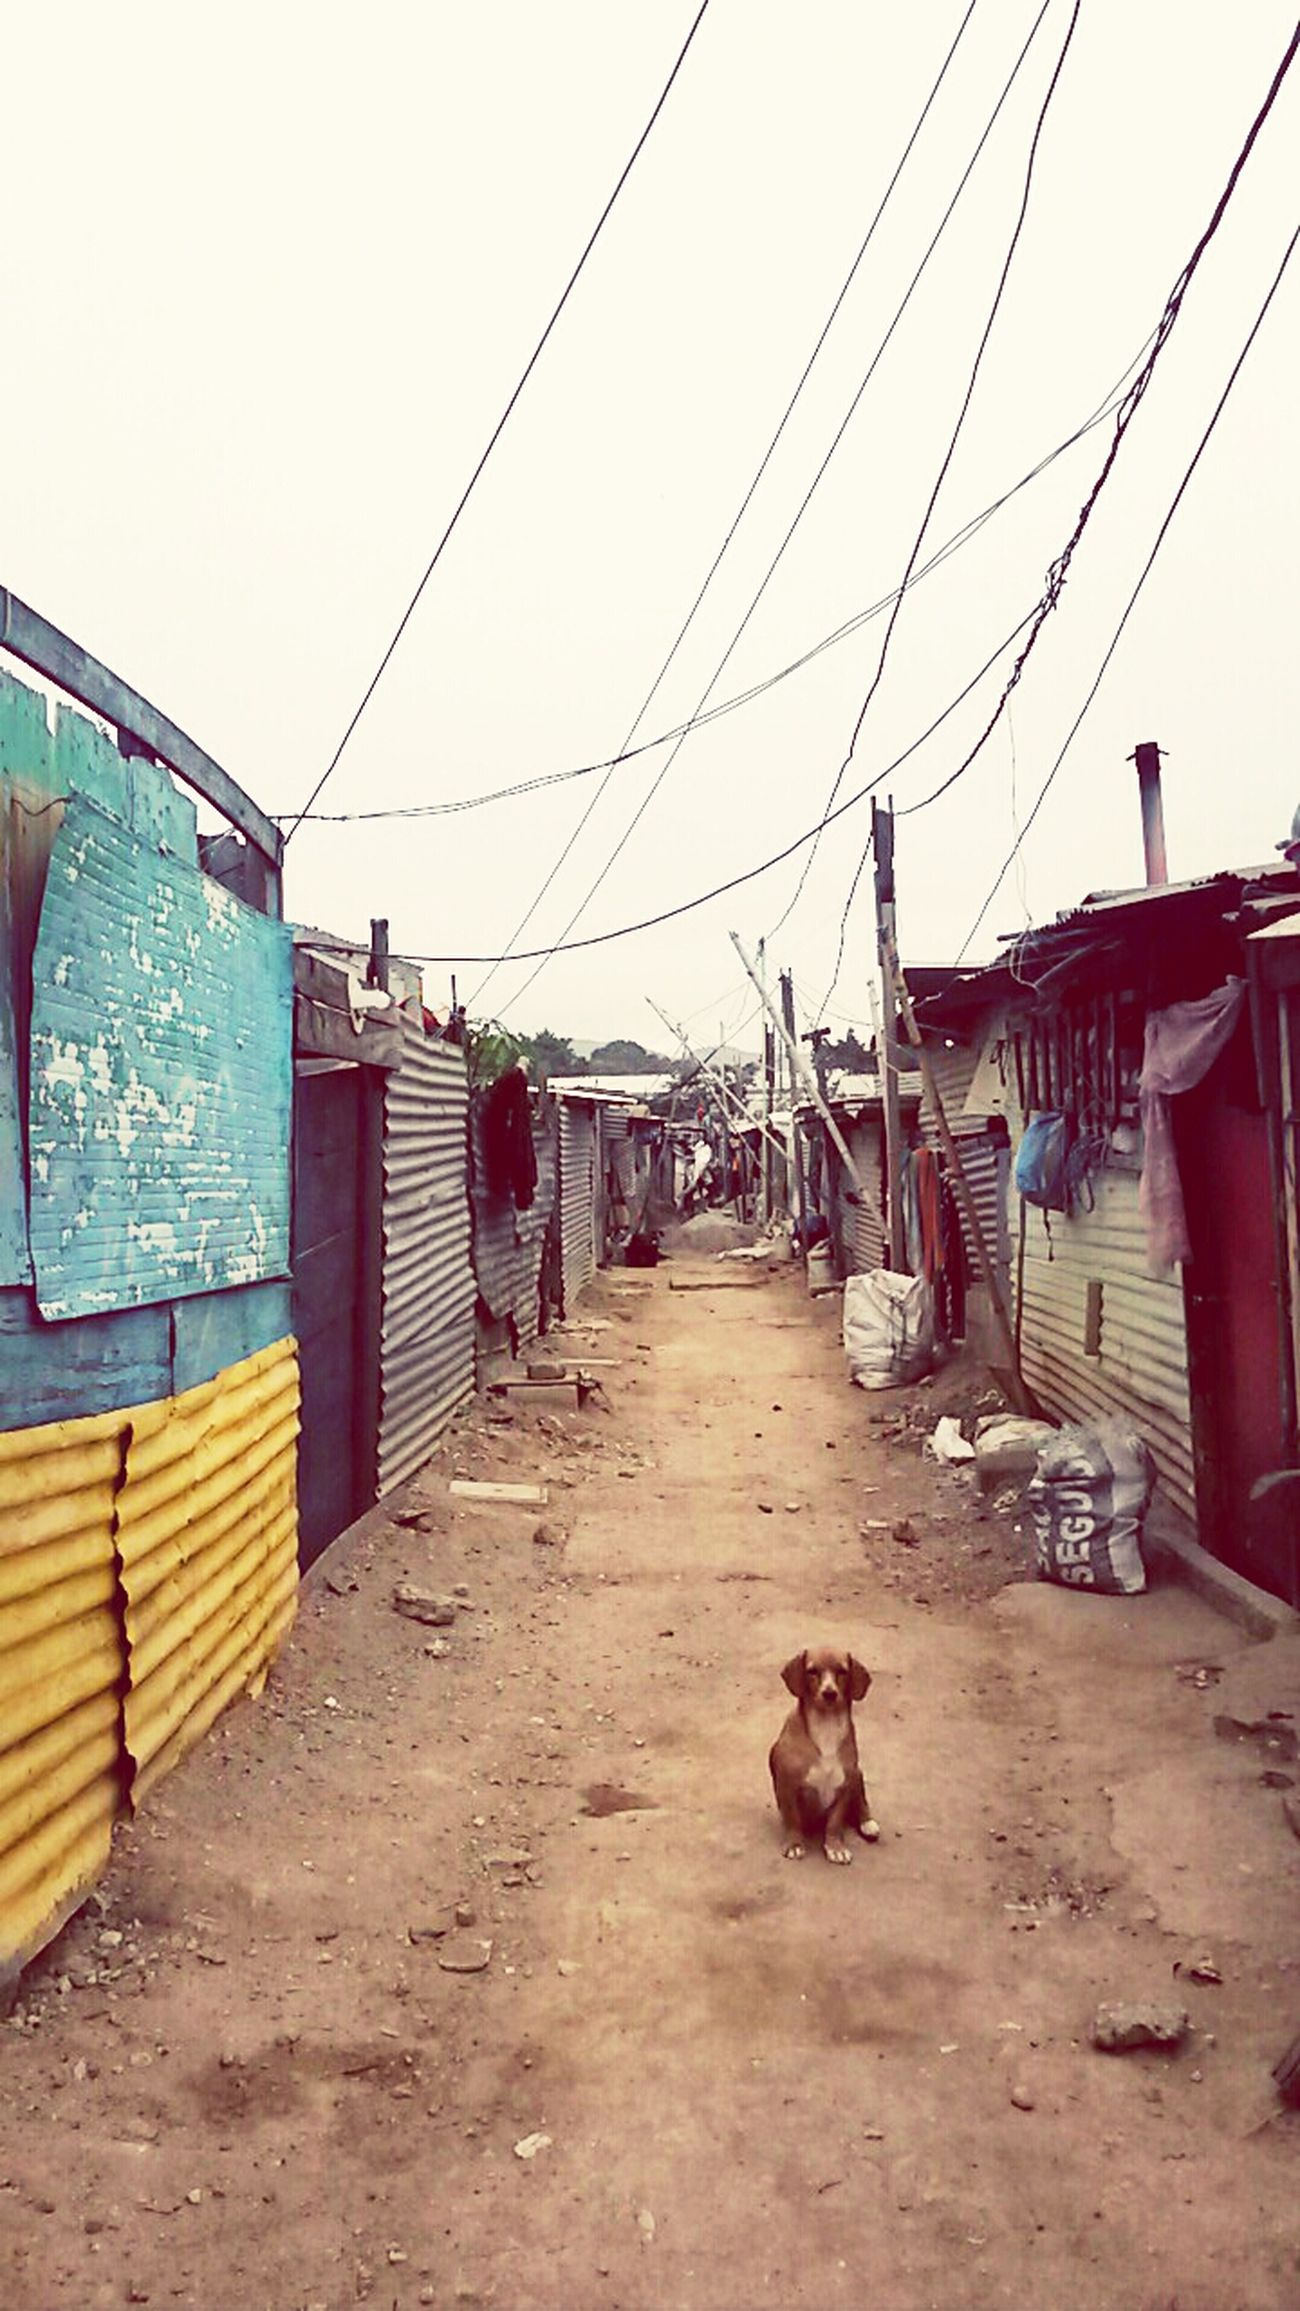 EL basurero de la ciudad de Guatemala un lugar donde viven muchas personas que se ganan la vida reciclando lo que encuentran cada día. Street Photography Photography TheRealGuatemala Urban